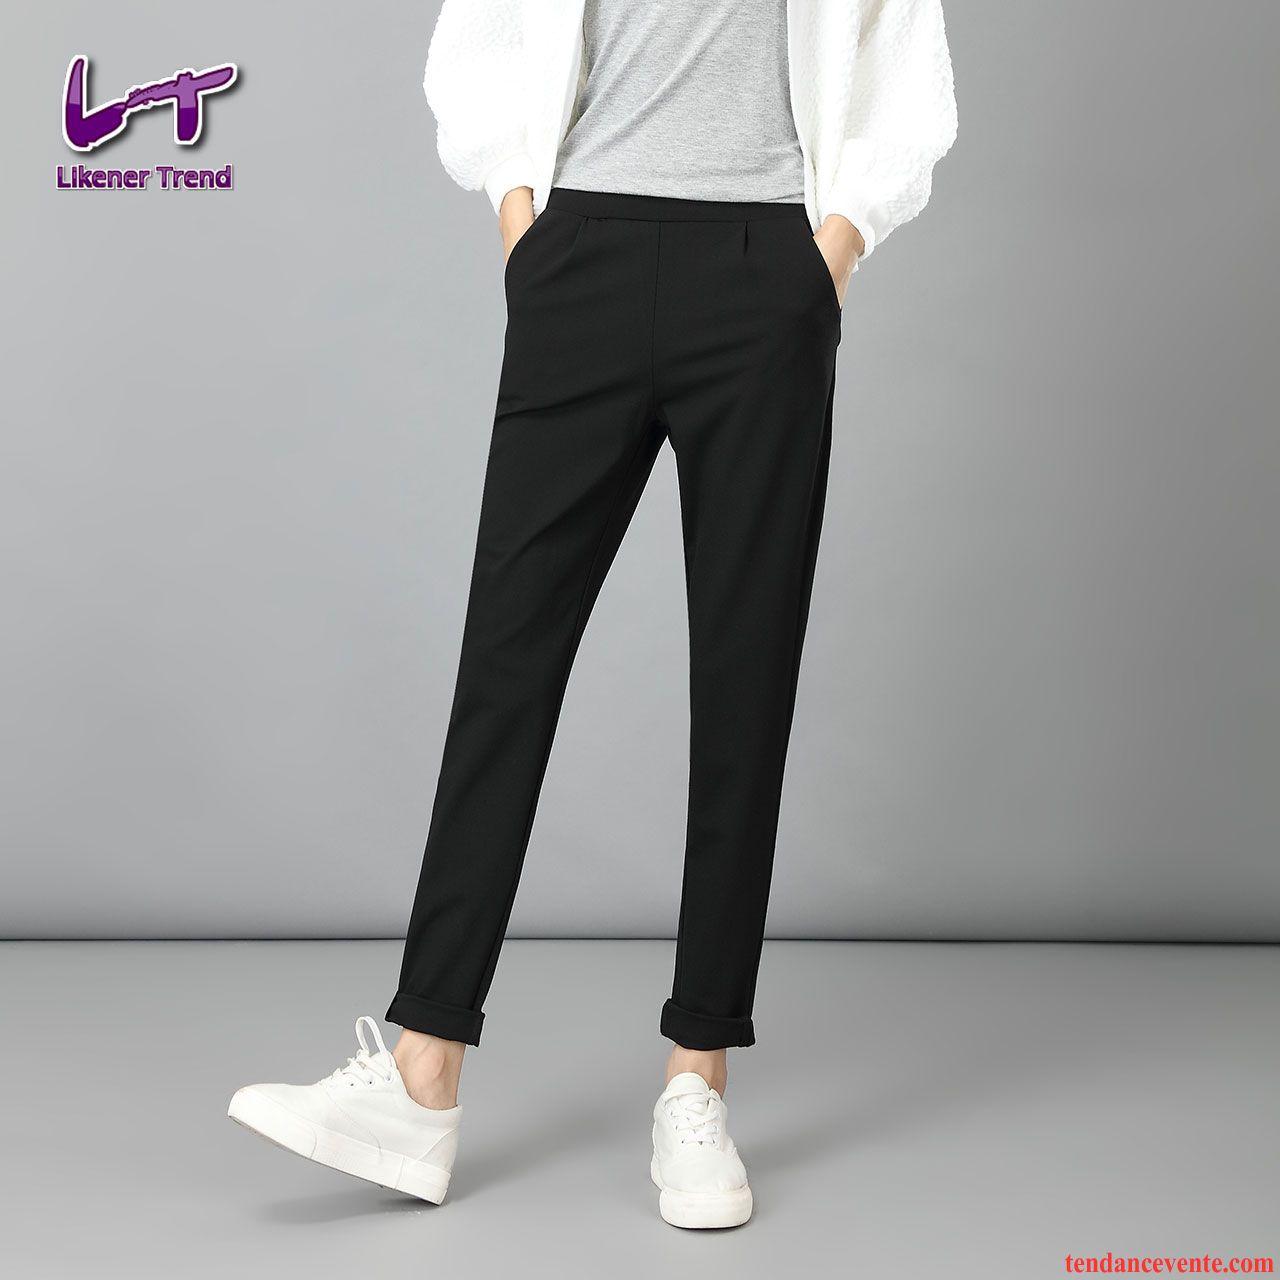 pantalon large lin femme pantalon taillissime slim hiver. Black Bedroom Furniture Sets. Home Design Ideas